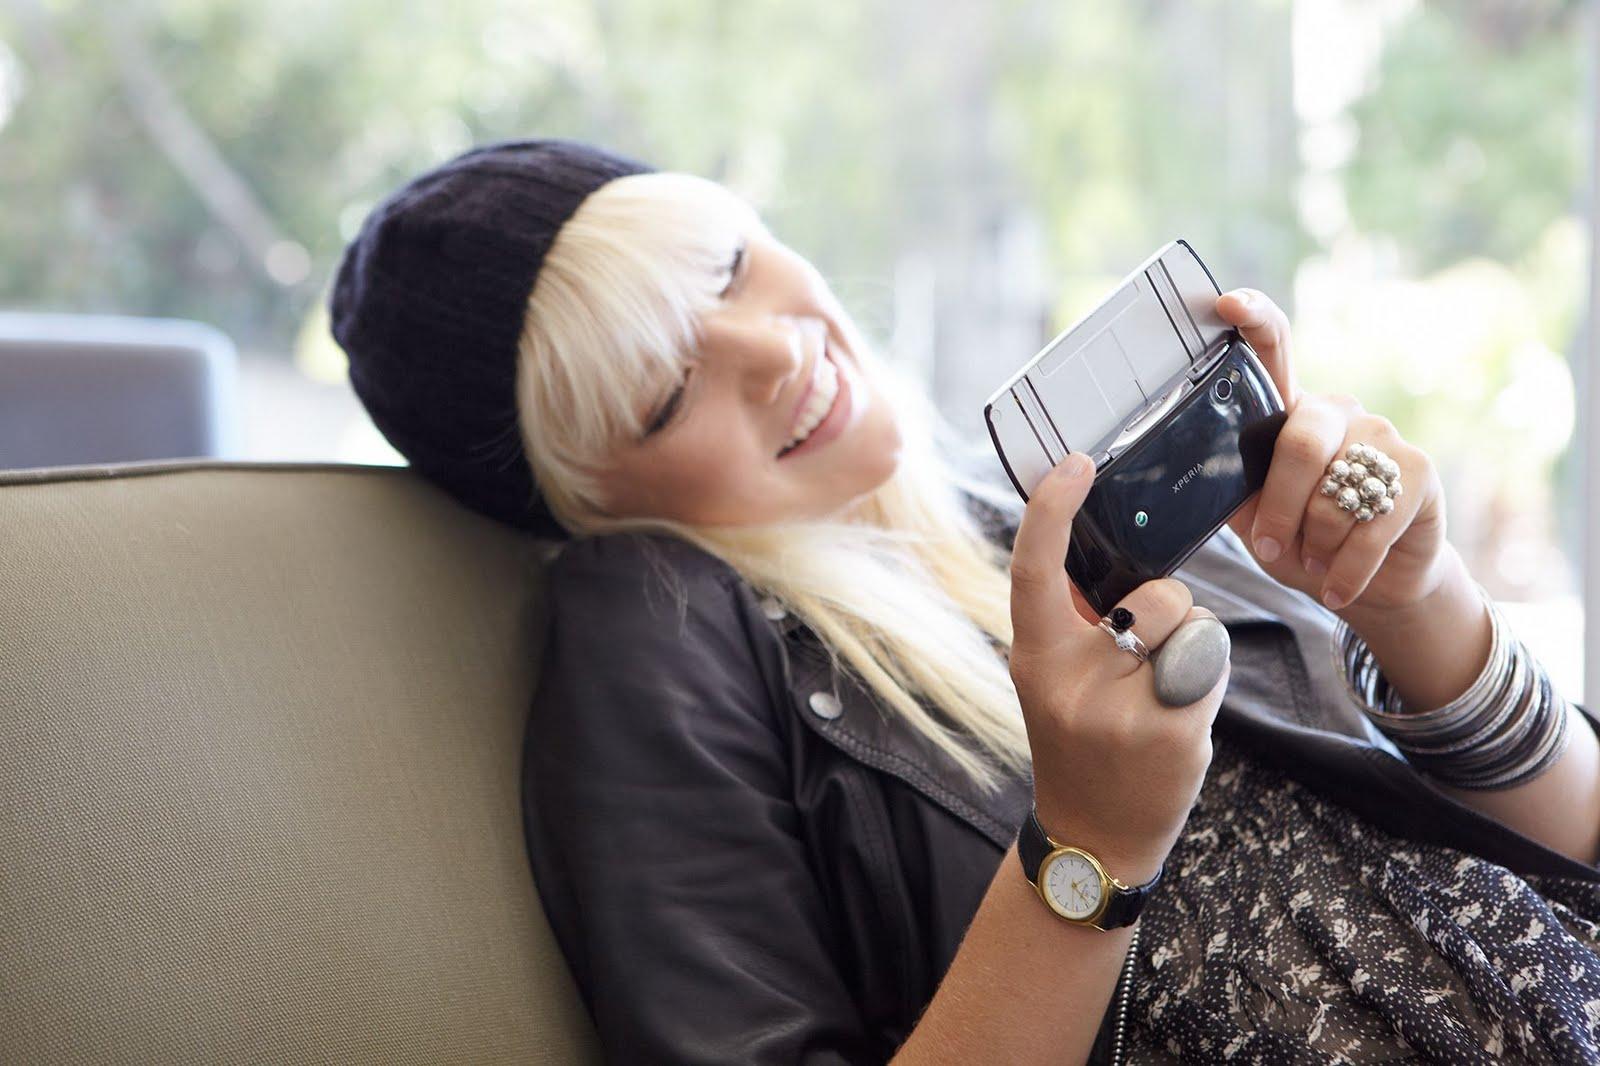 Tendências de smartphone que devem chegar em 2015